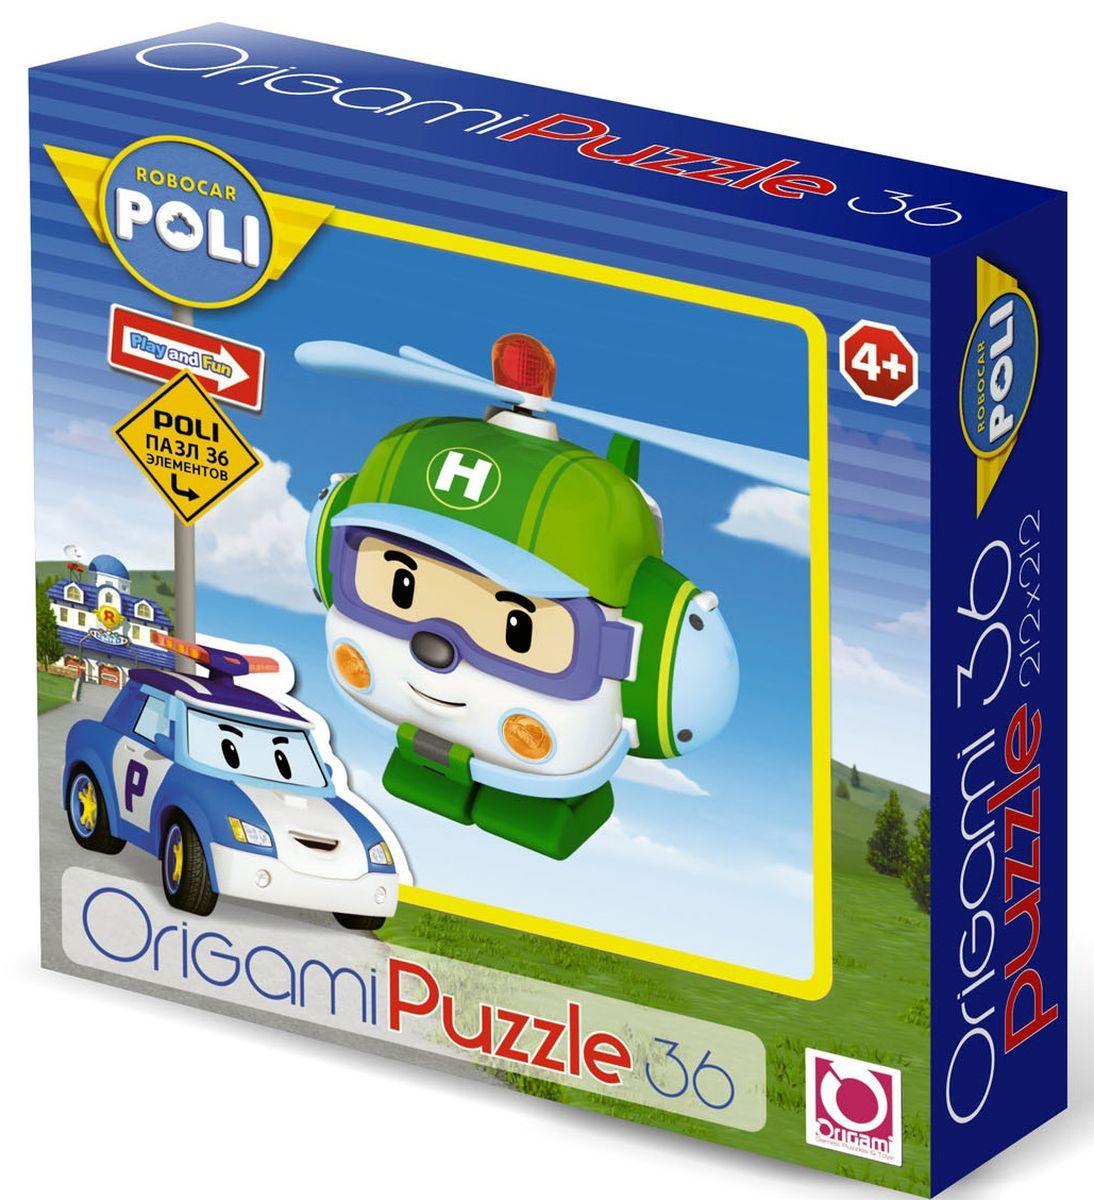 Оригами Пазл для малышей Robocar Poli 00169 пазл 3d 216 элементов оригами эйфелева башня